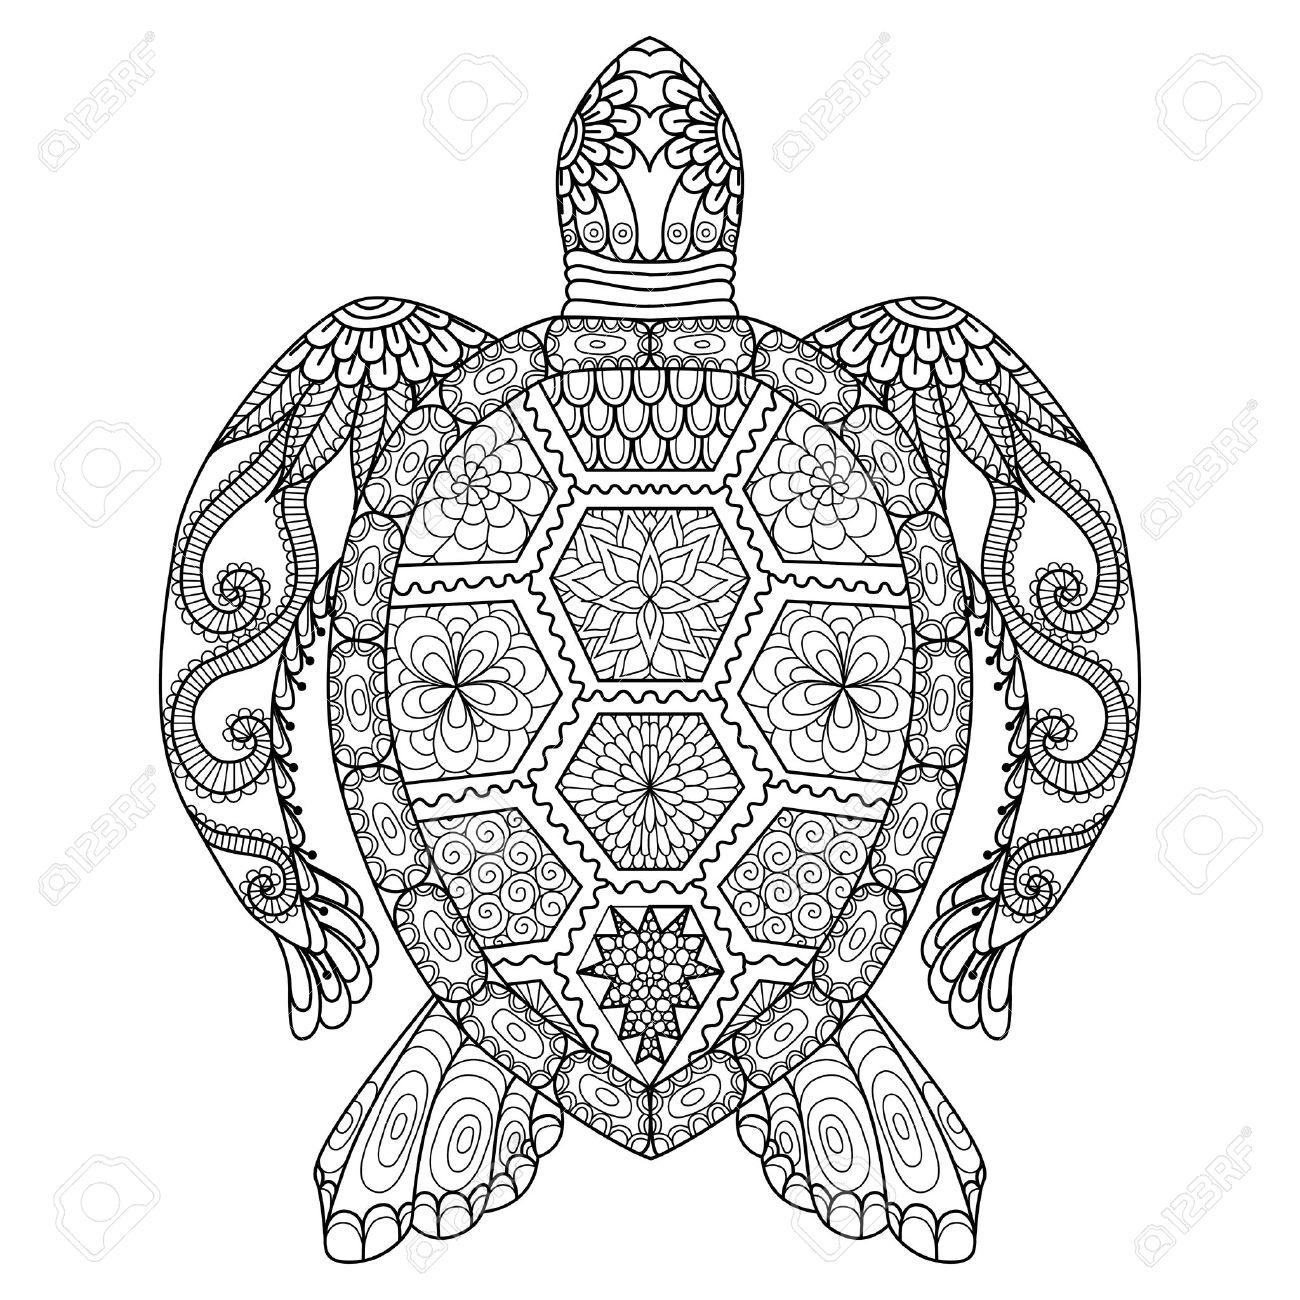 Zeichnung Zentangle Turtle Für Malvorlagen, Shirt-Design-Effekt ...